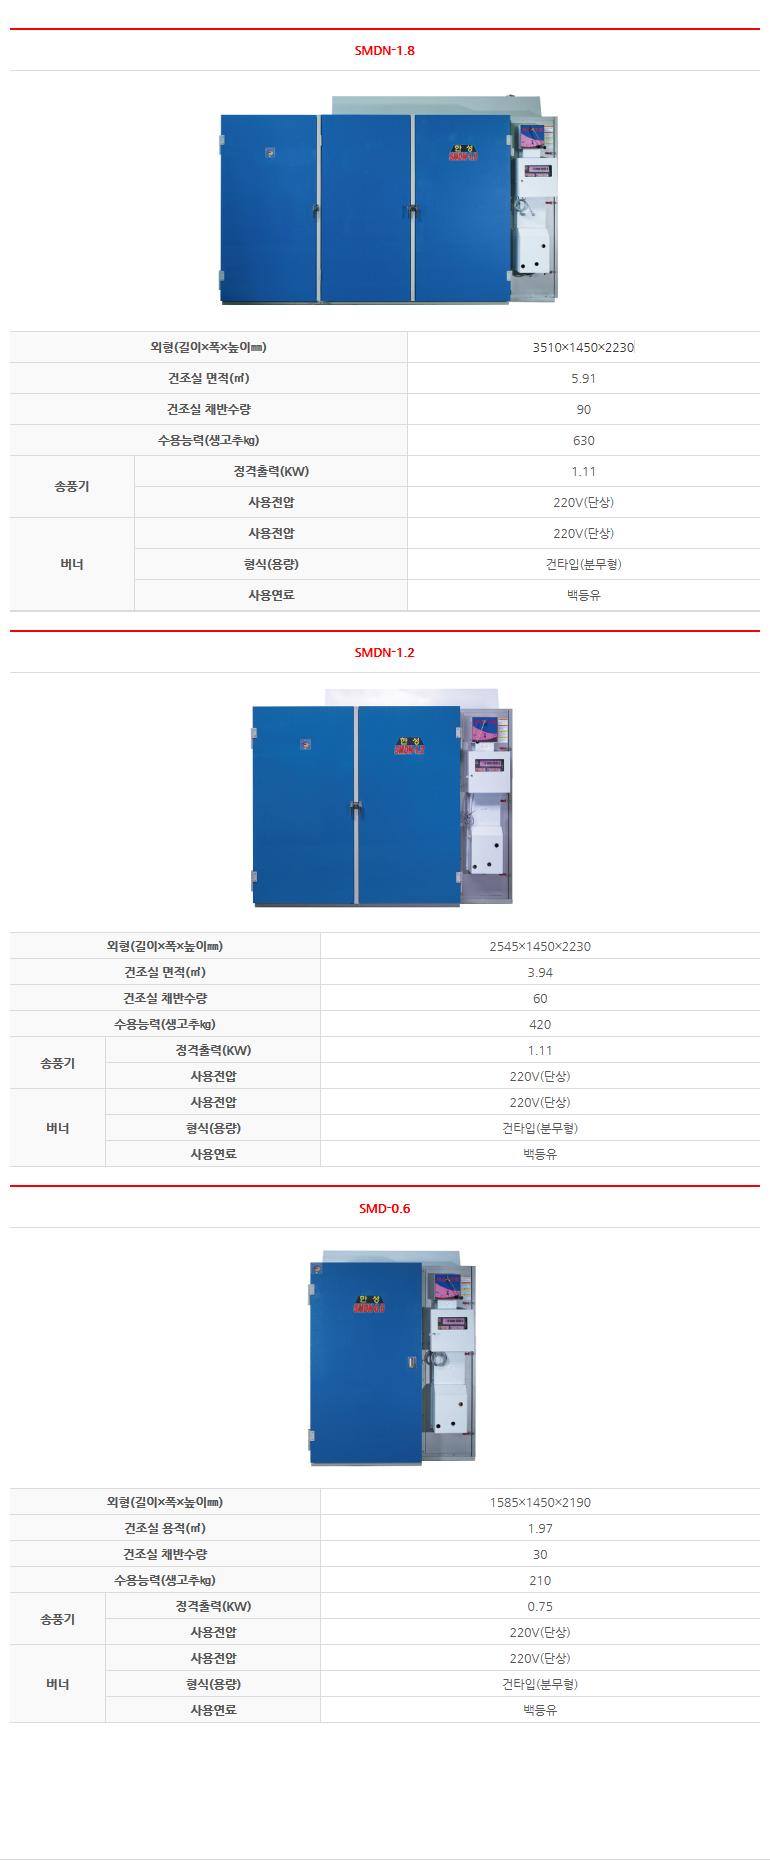 한성 하이브리드(기름+전기겸용) 건조기 SMDN-1.8/1.2/0.6 3